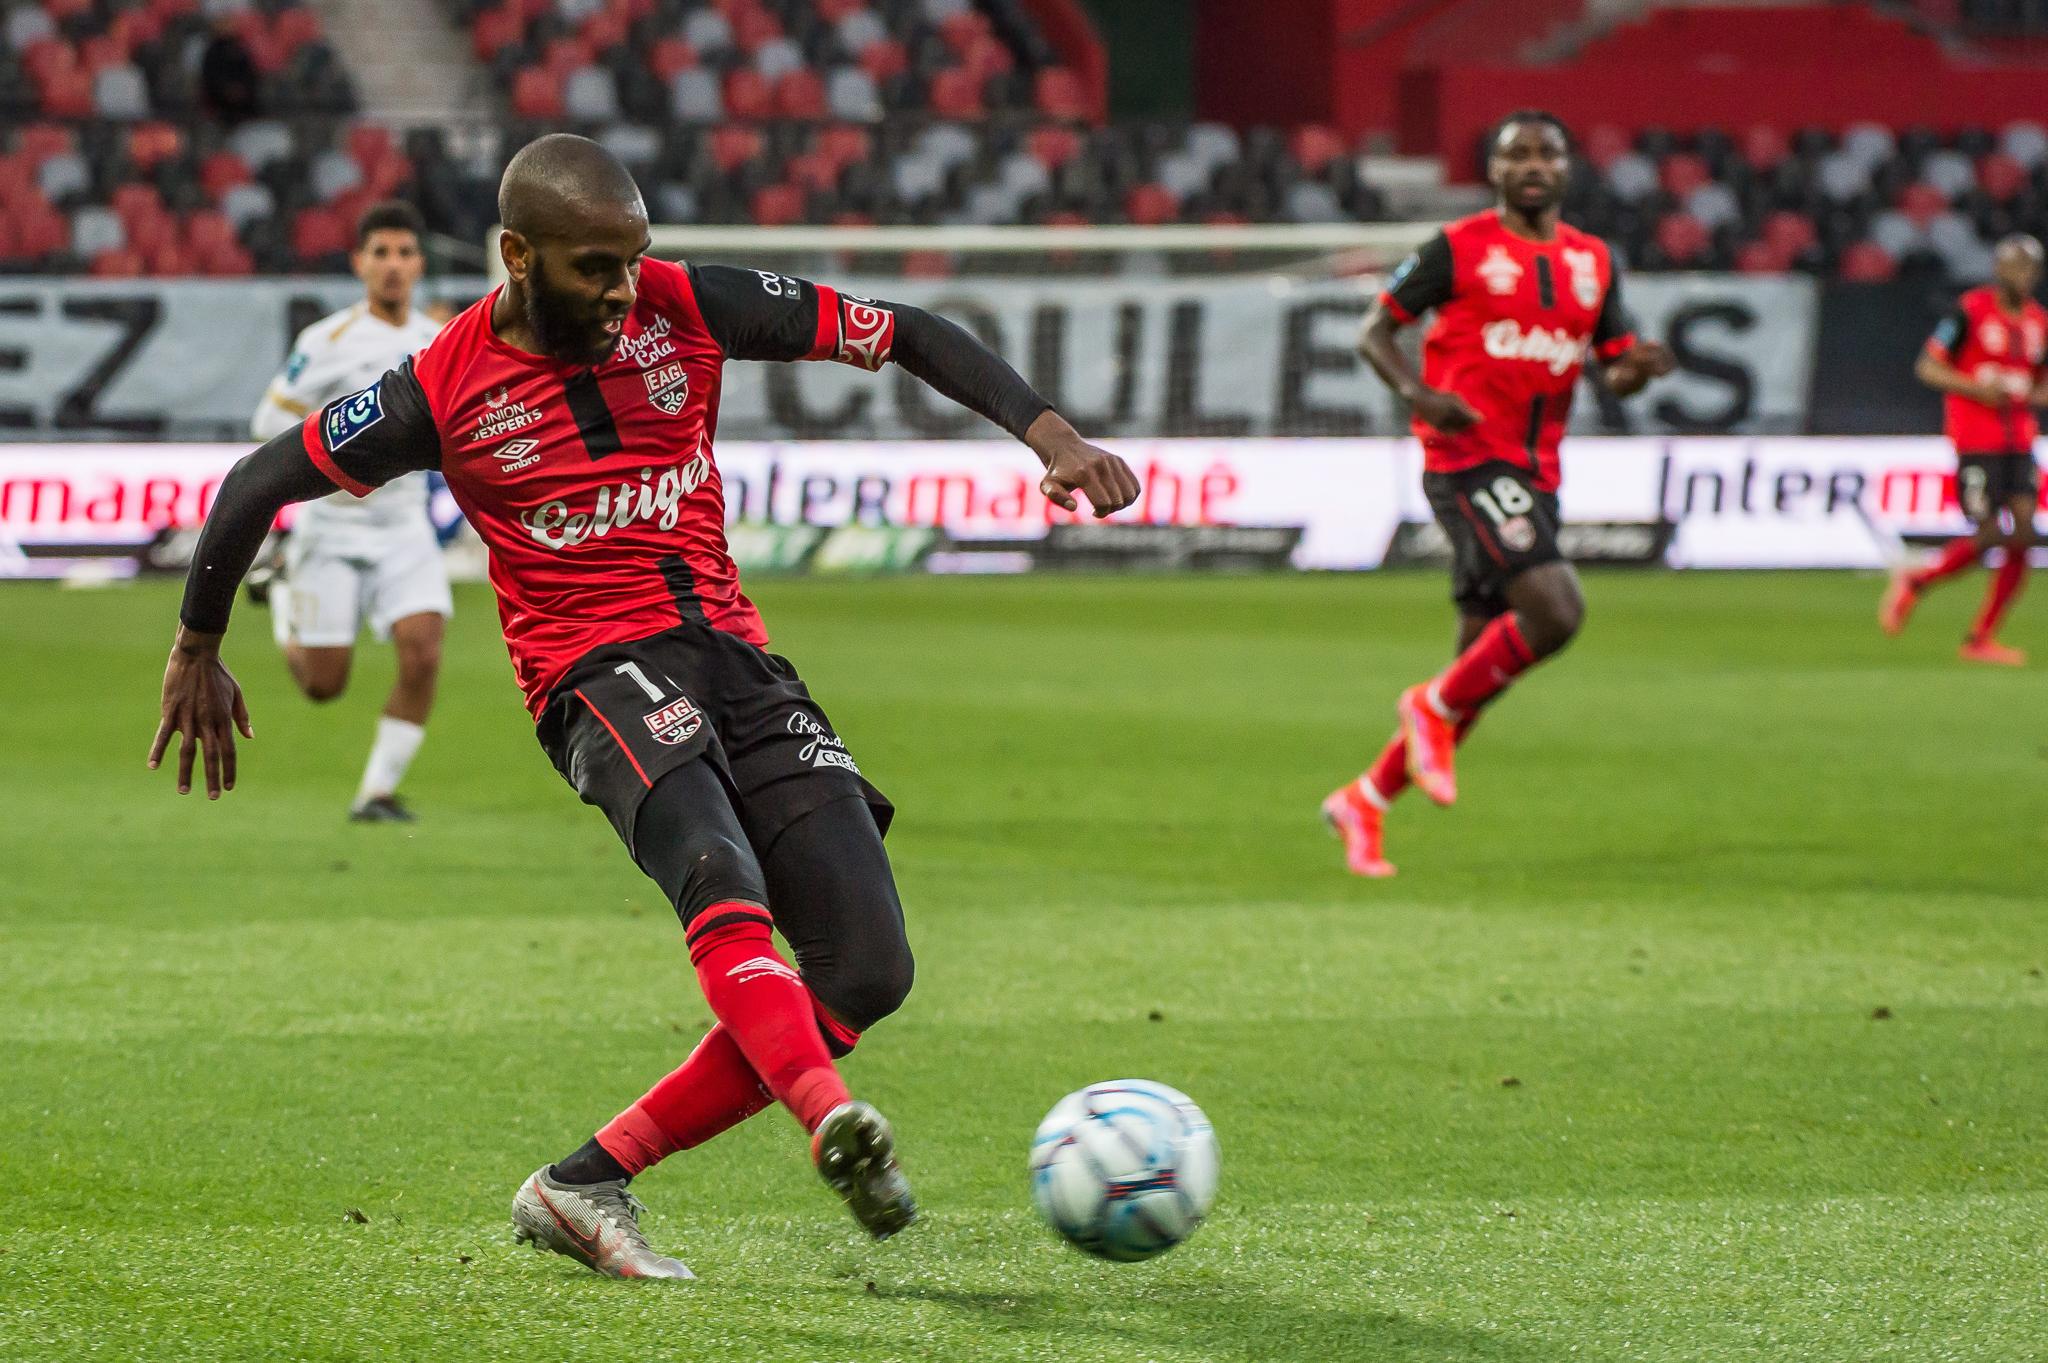 EA Guingamp La Berrichonne Châteauroux J37 Ligue 2 BKT EAGLBC 2-0 Stade de Roudourou FRA_5825